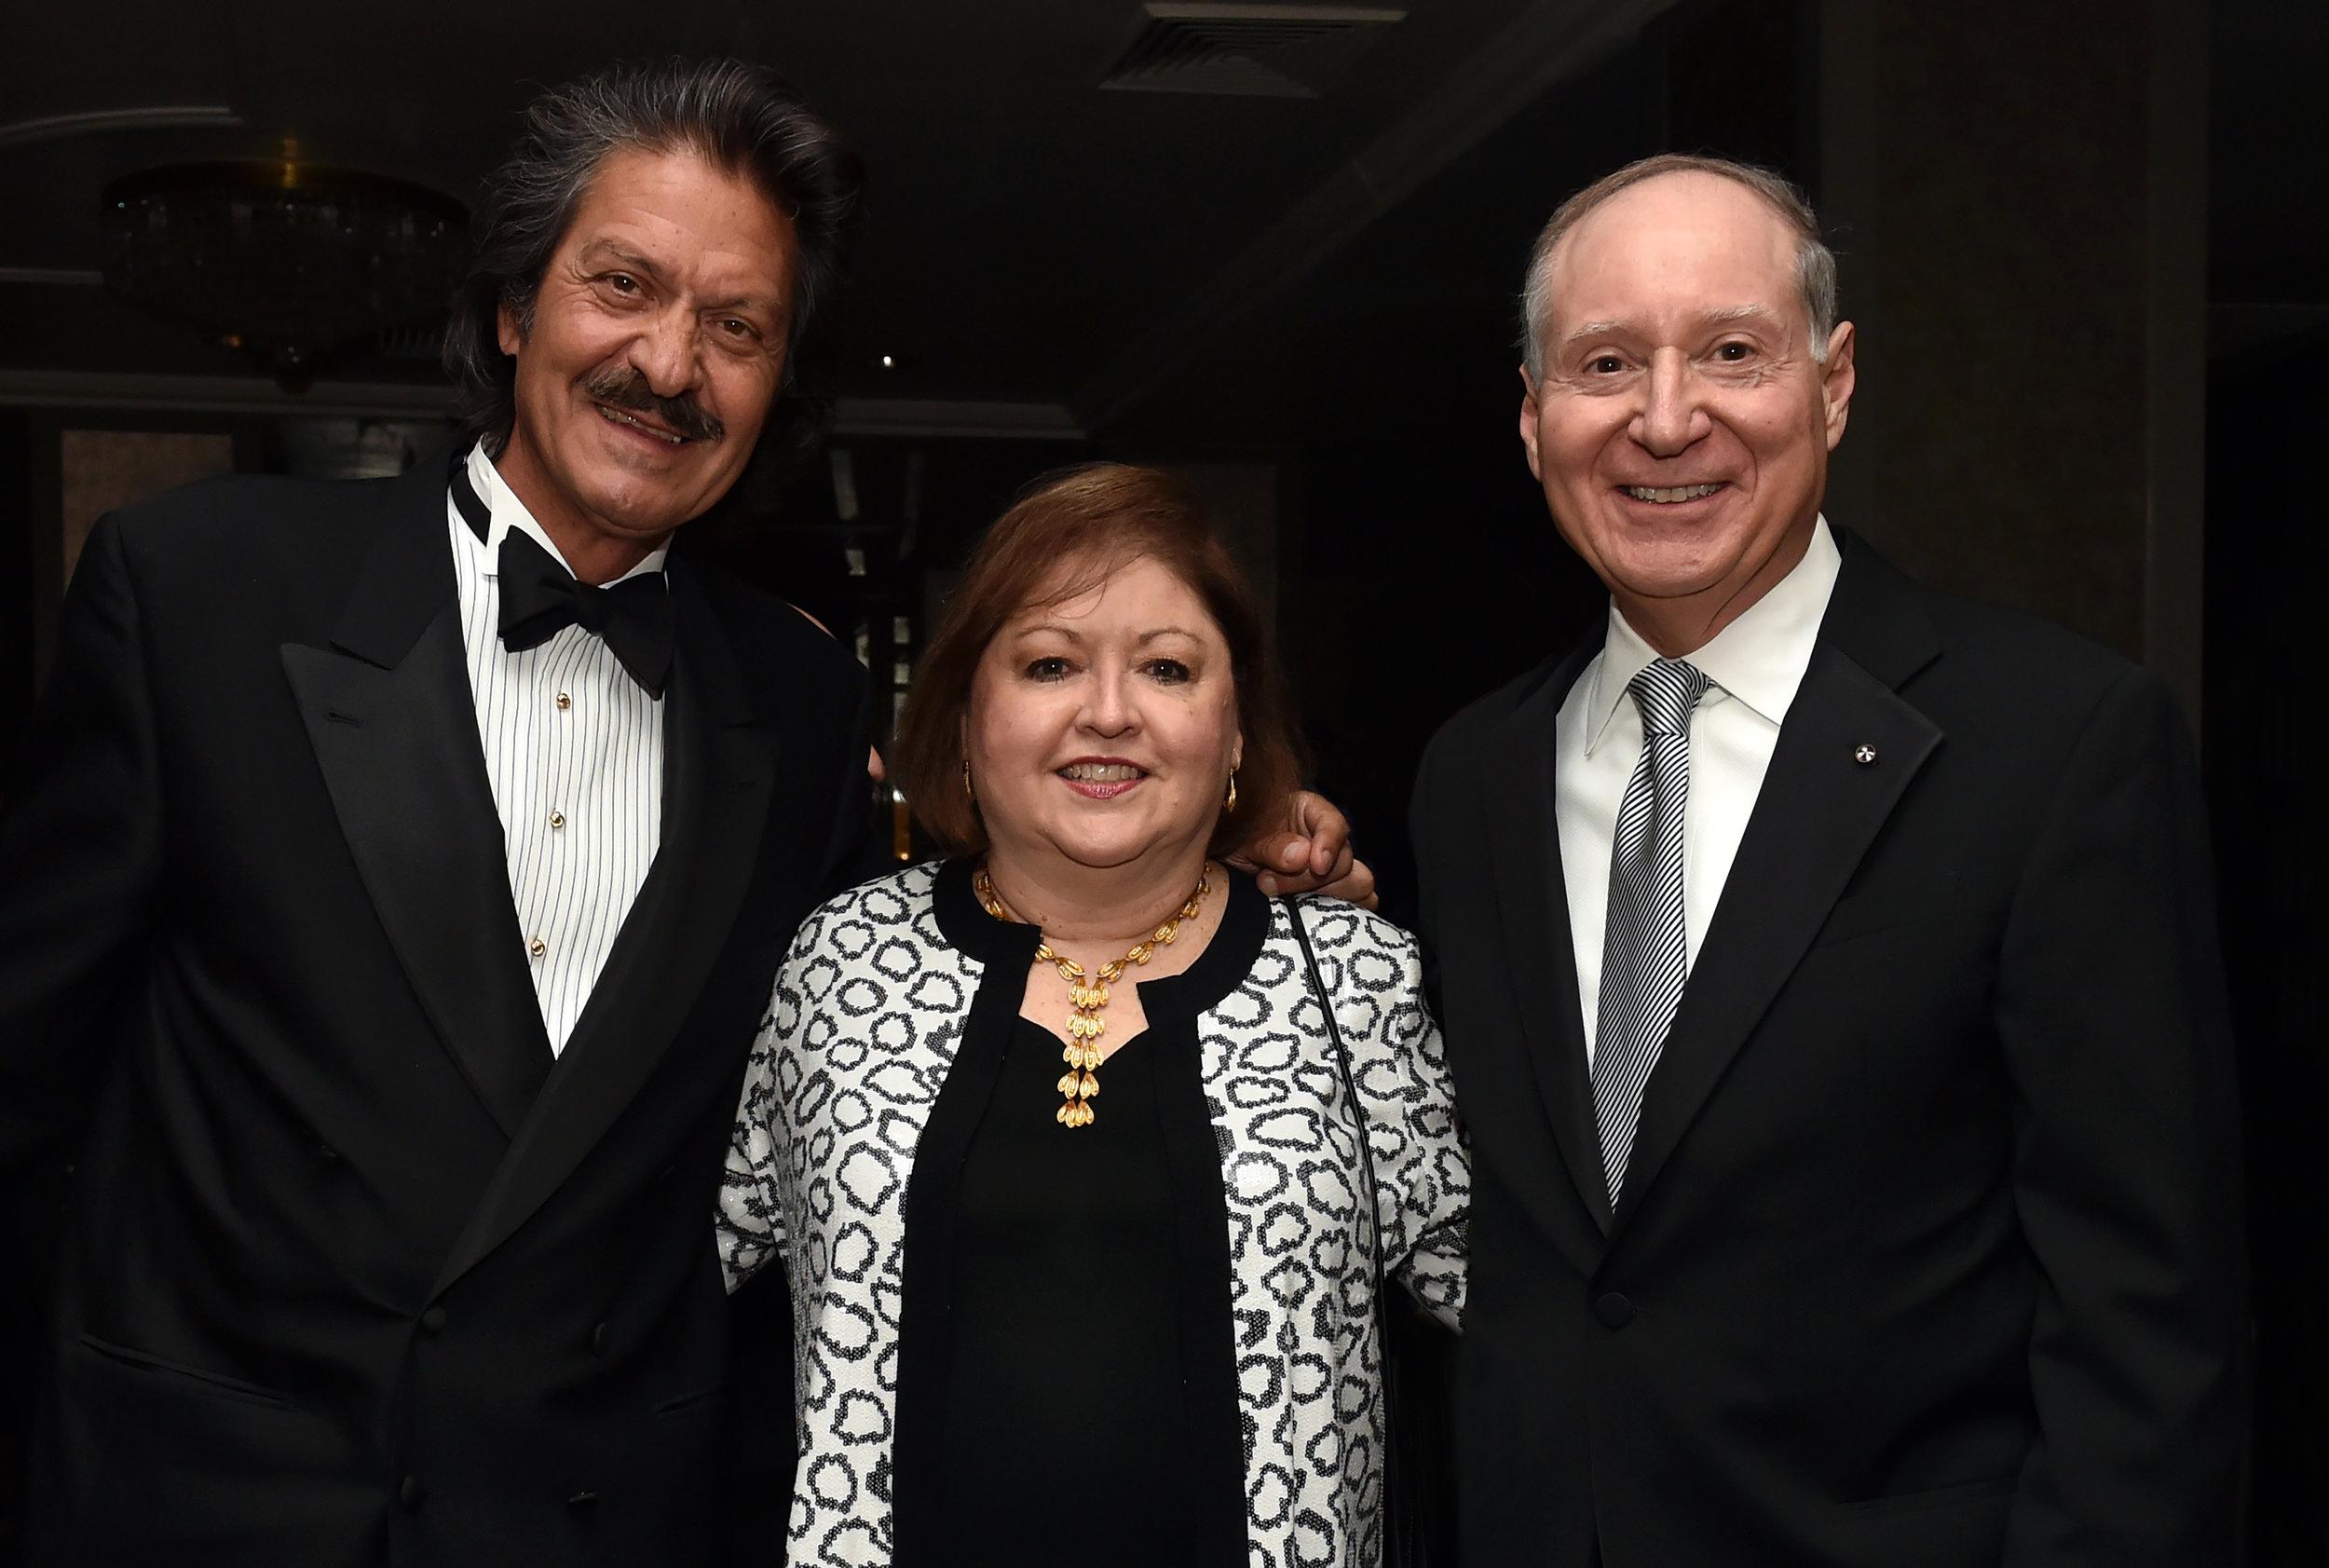 AHI Board Members Kostas Alexakis and John Alahouzos with his wife Diane